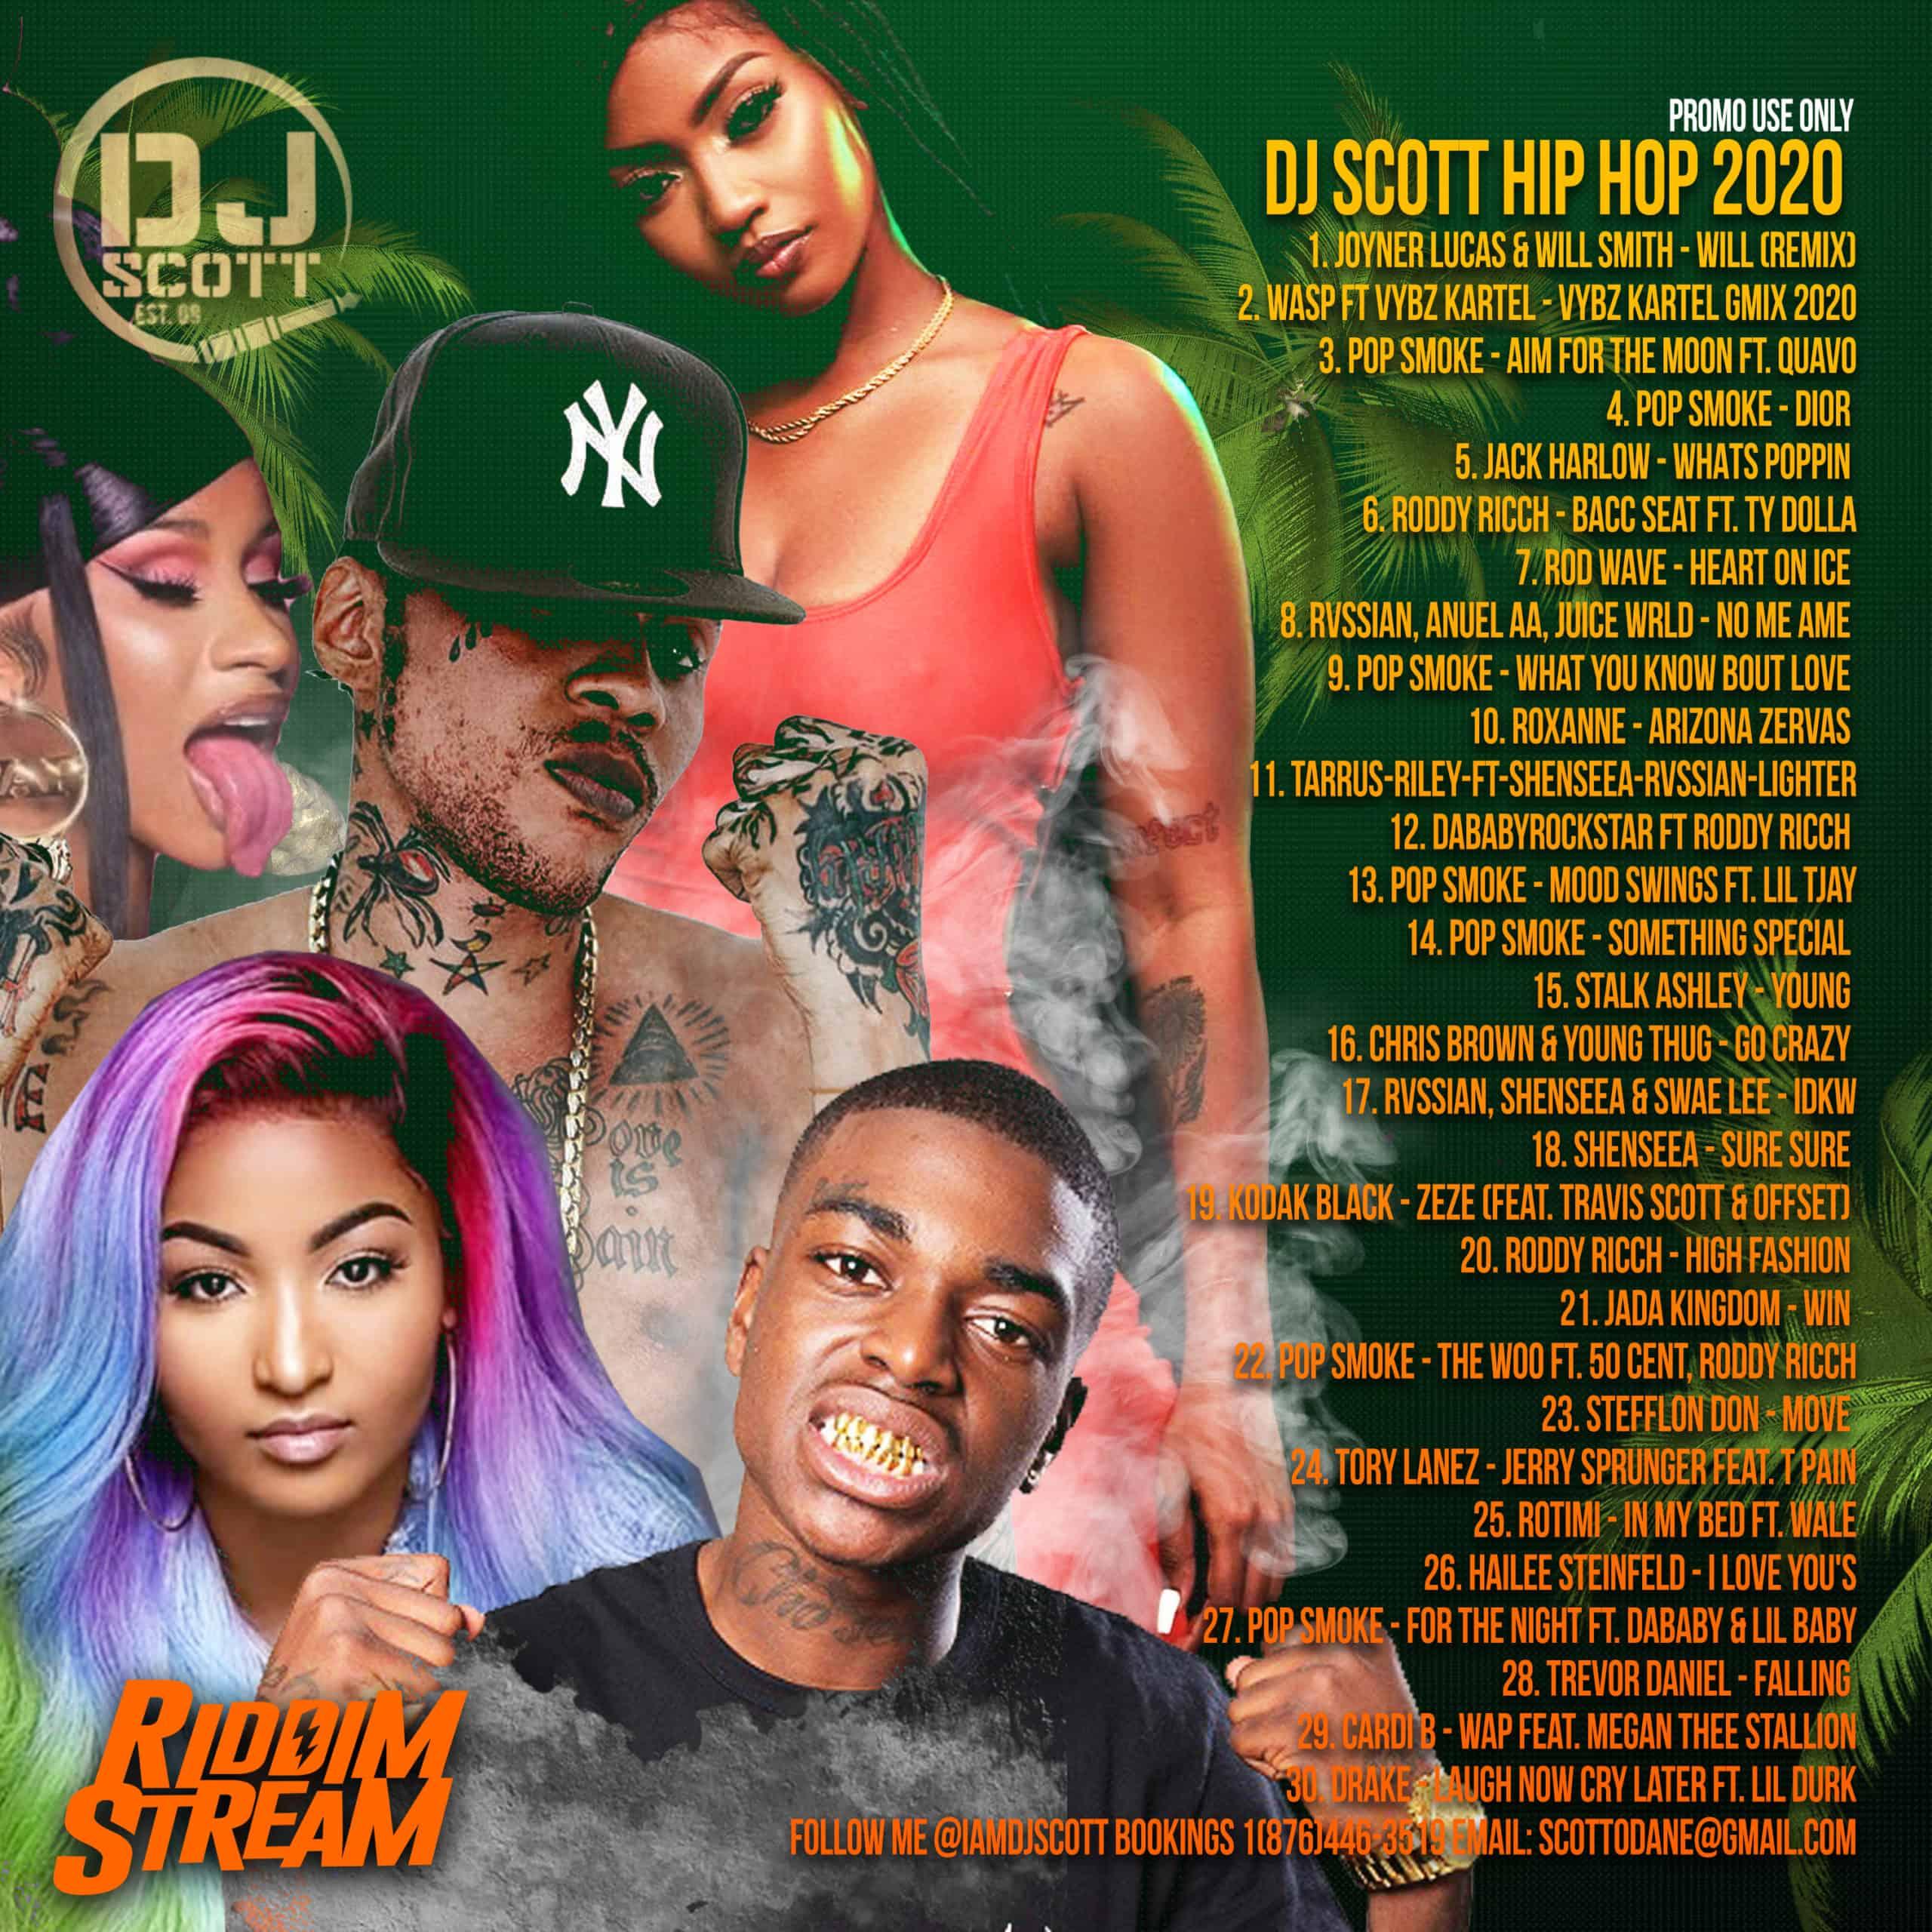 DJ Scott - Hip Hop 2020 Mixtape